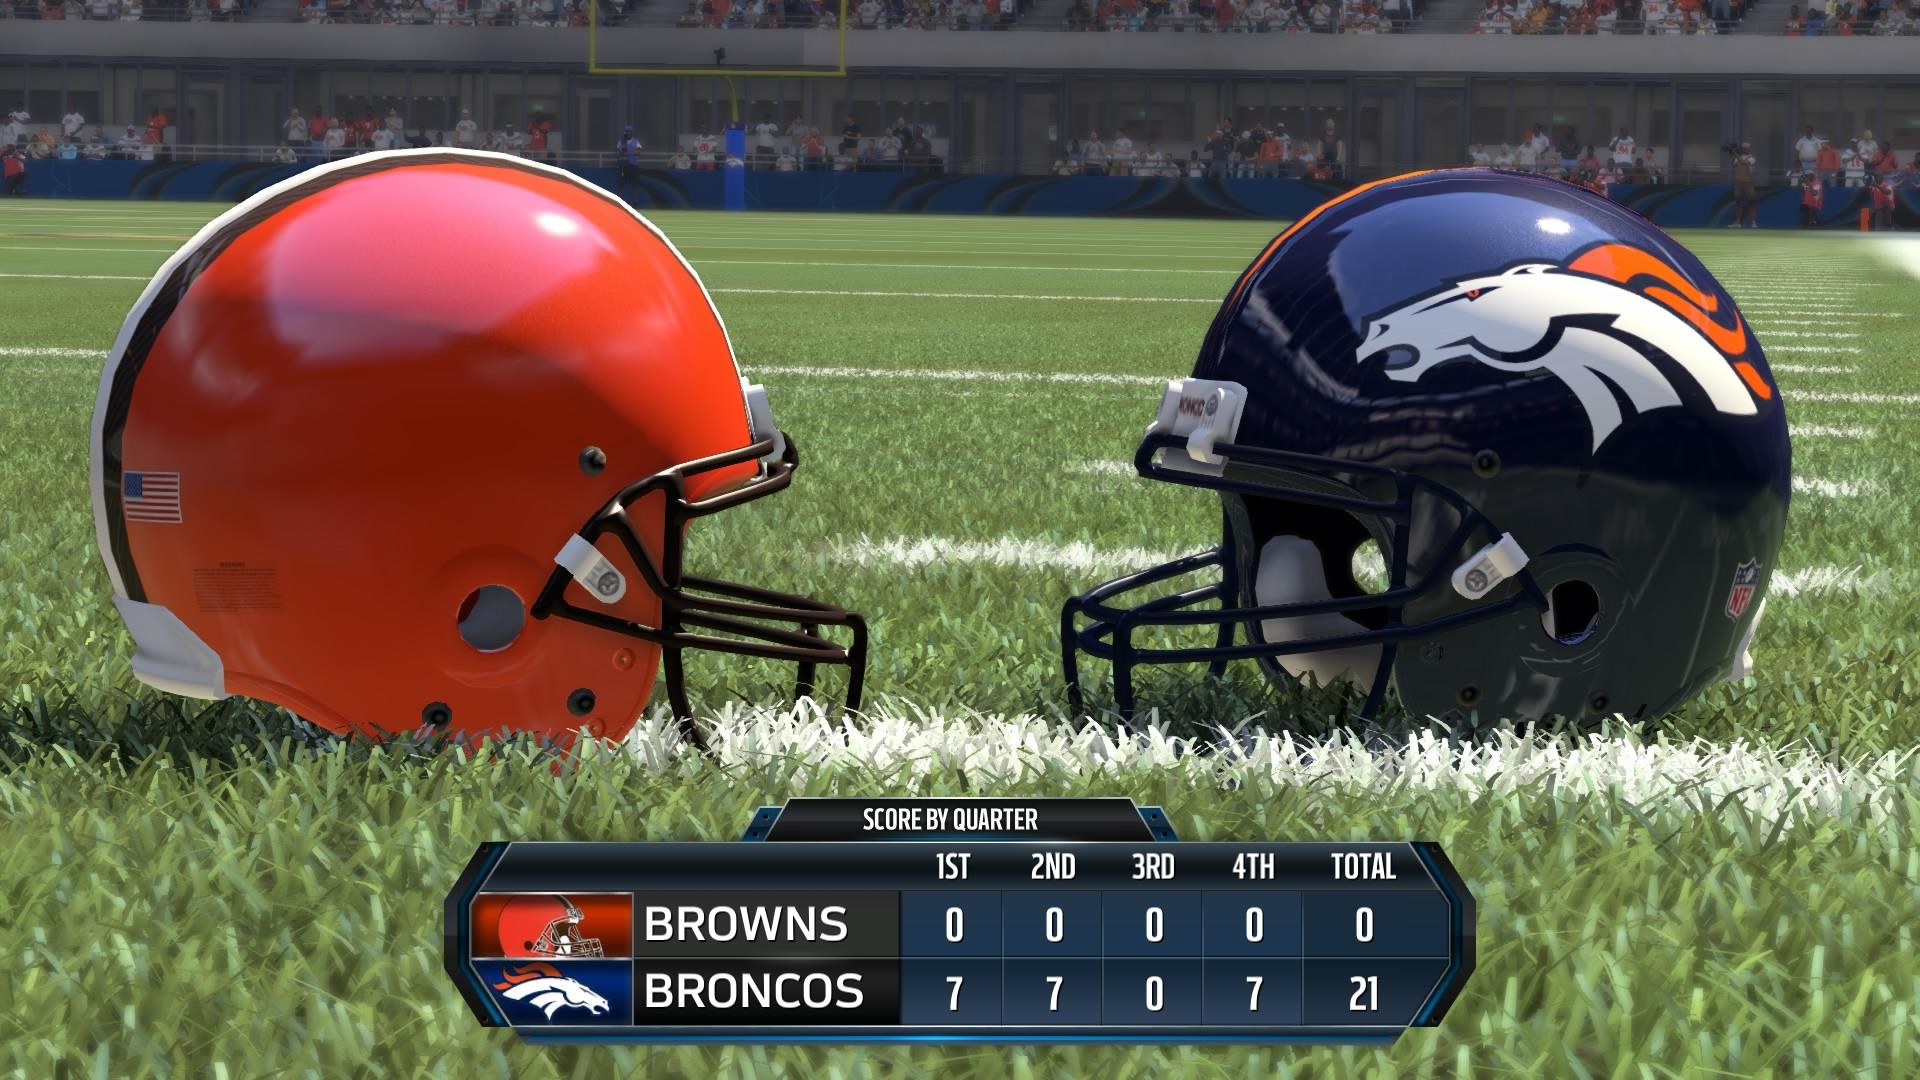 Alle Mannschaften aus der NFL sind spielbar.